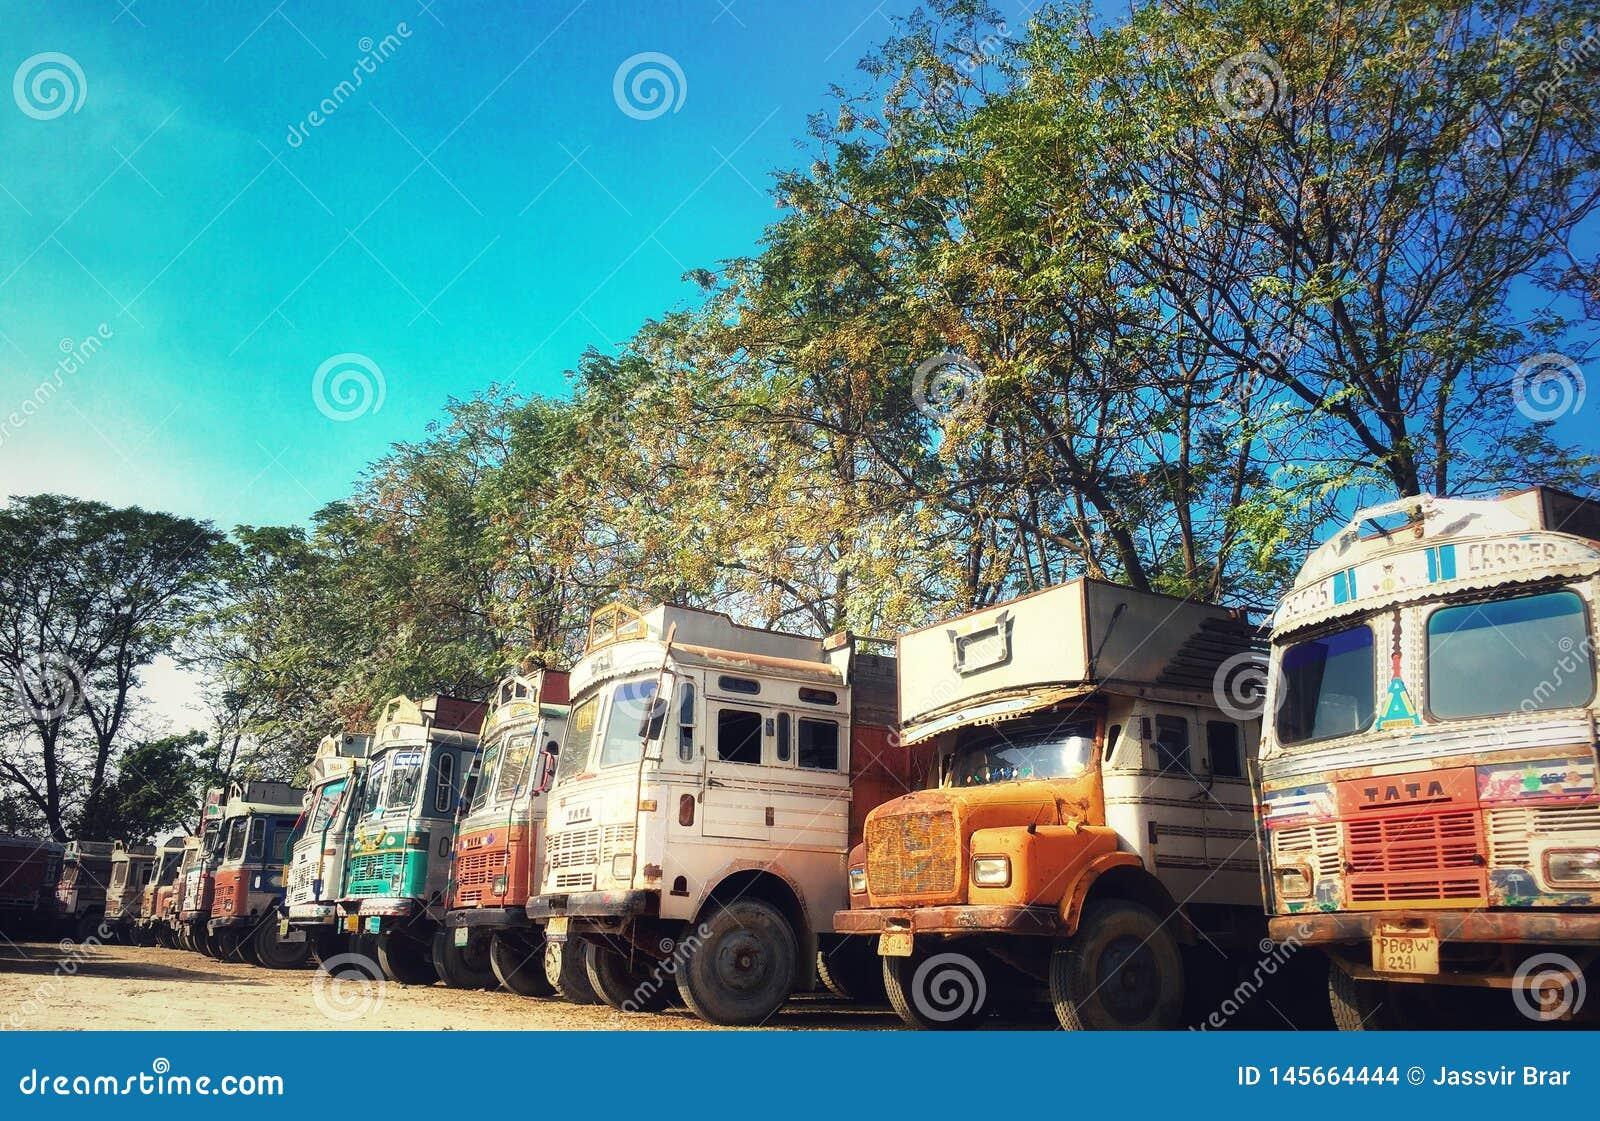 Indianin przewozi samochodem w ciężarowym zjednoczeniu ind